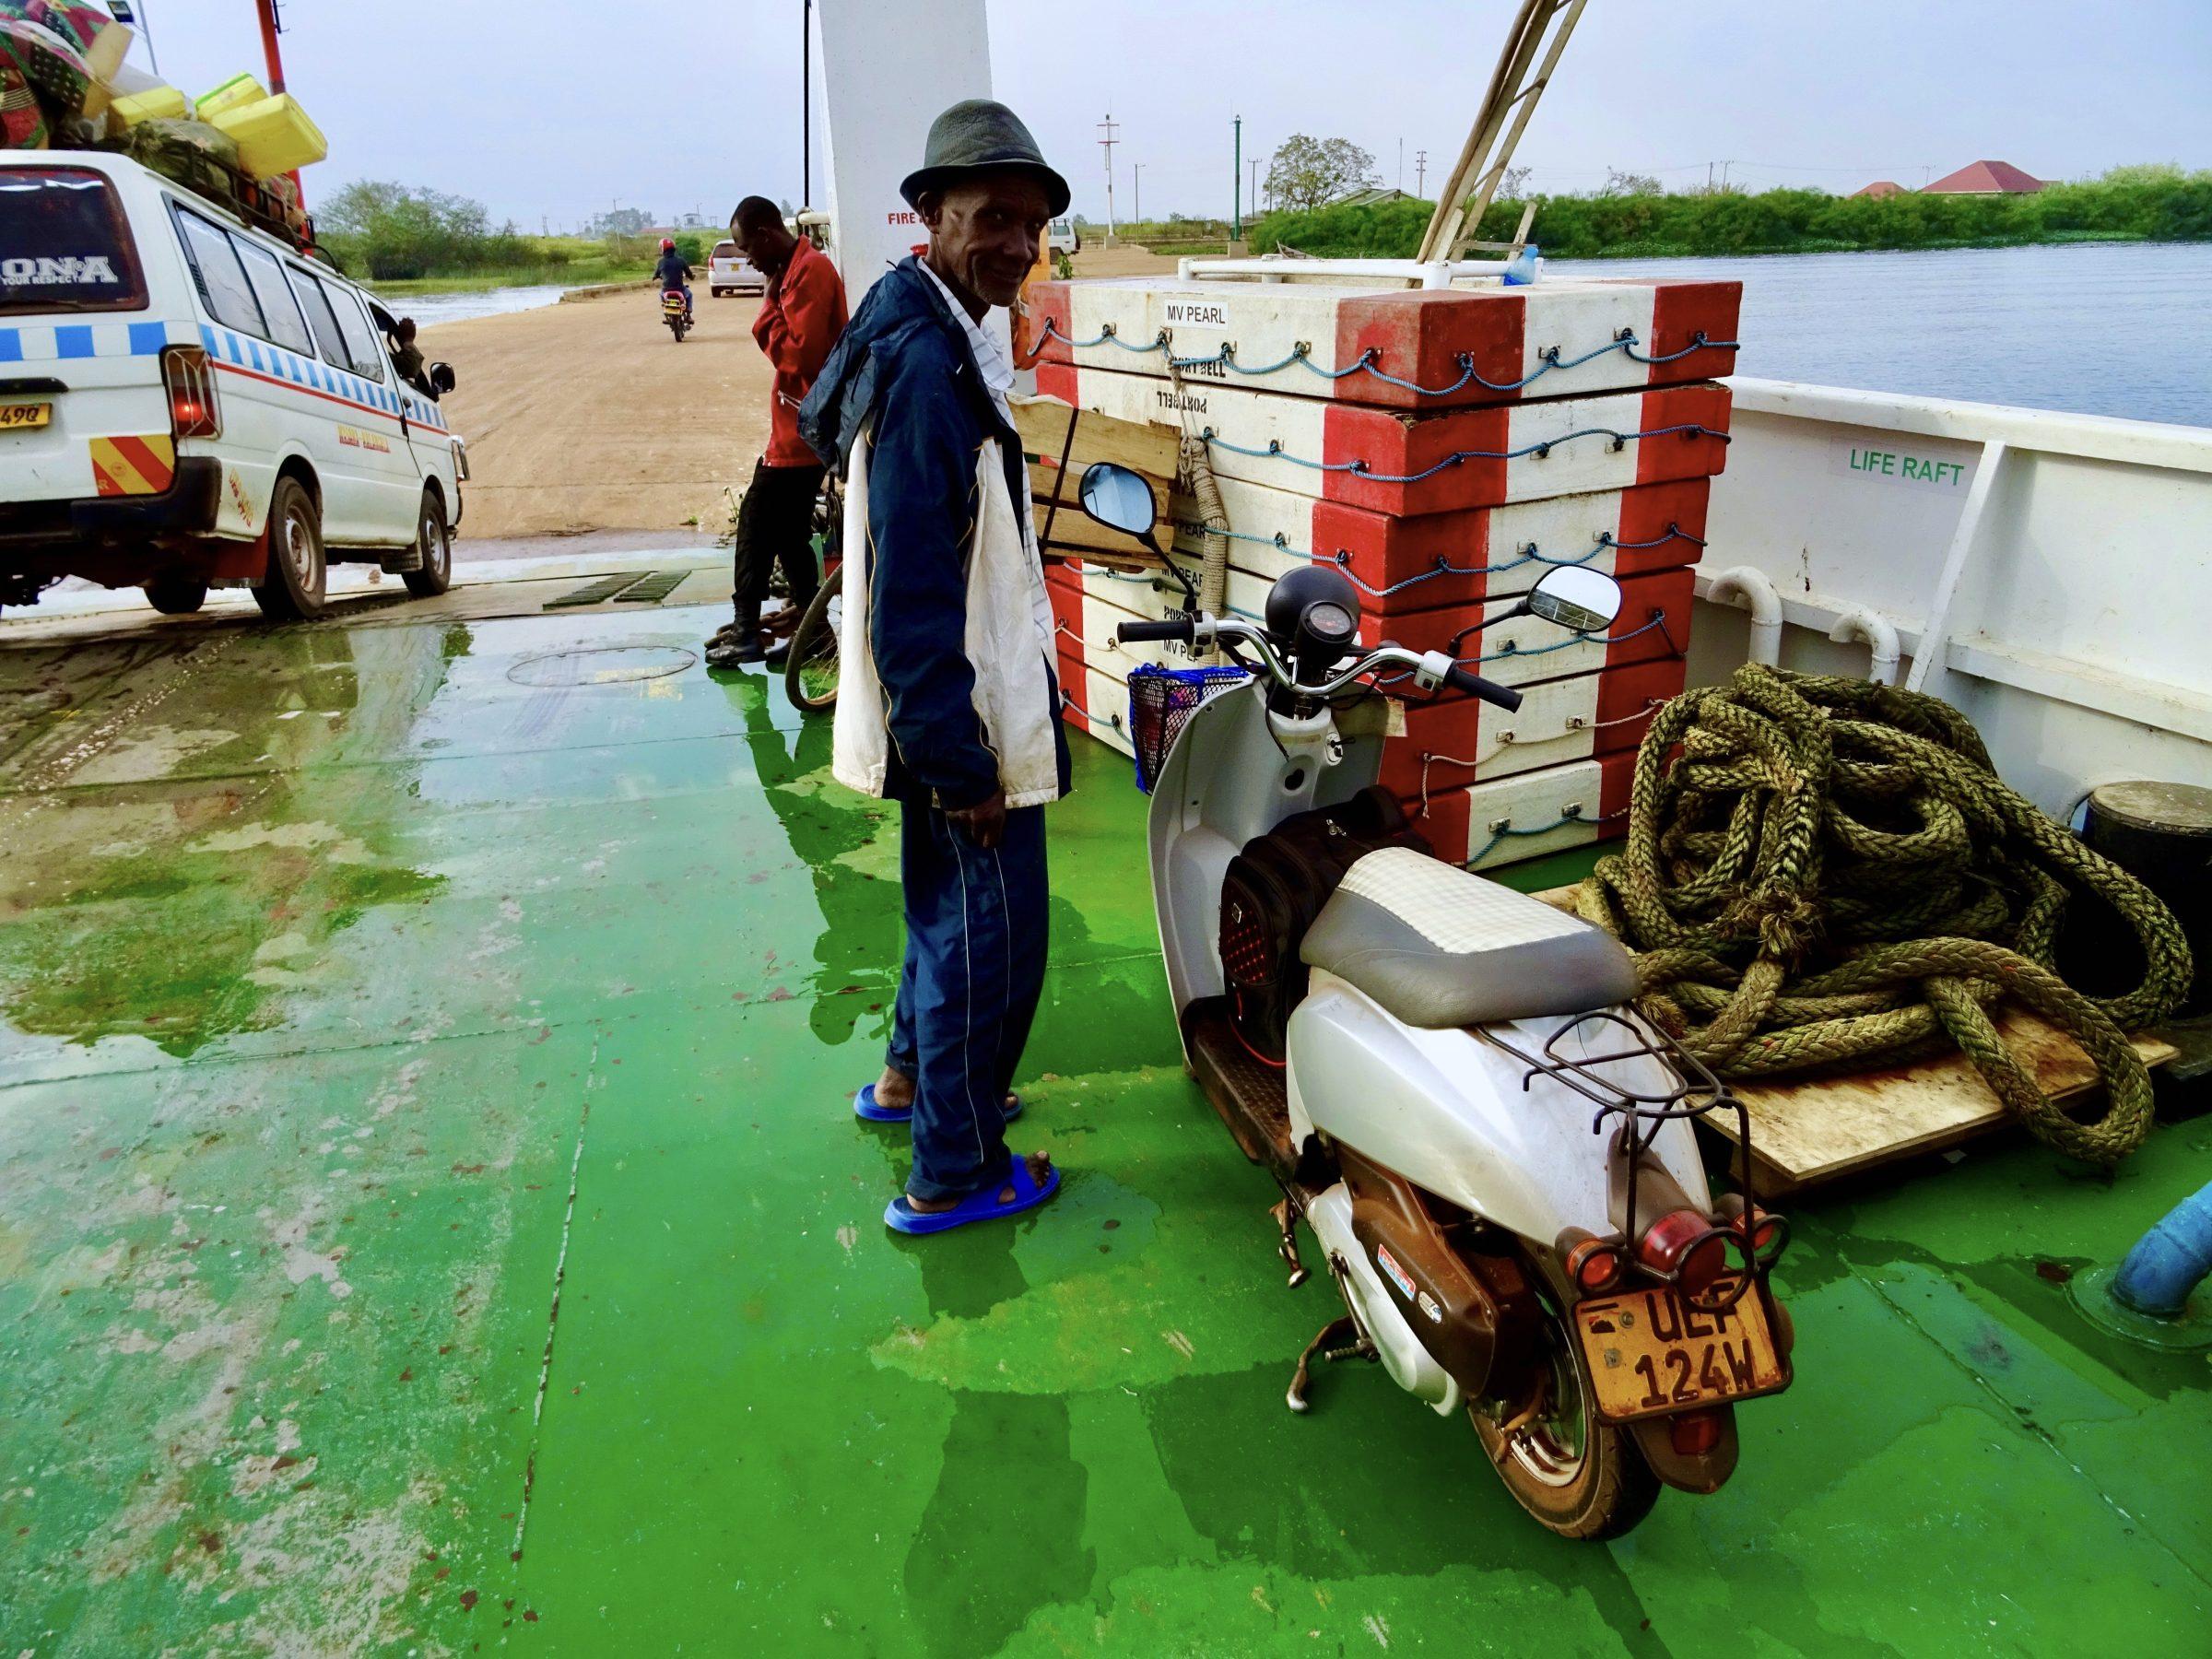 De scooter op de veerboot van Bugala Island naar Bukakata